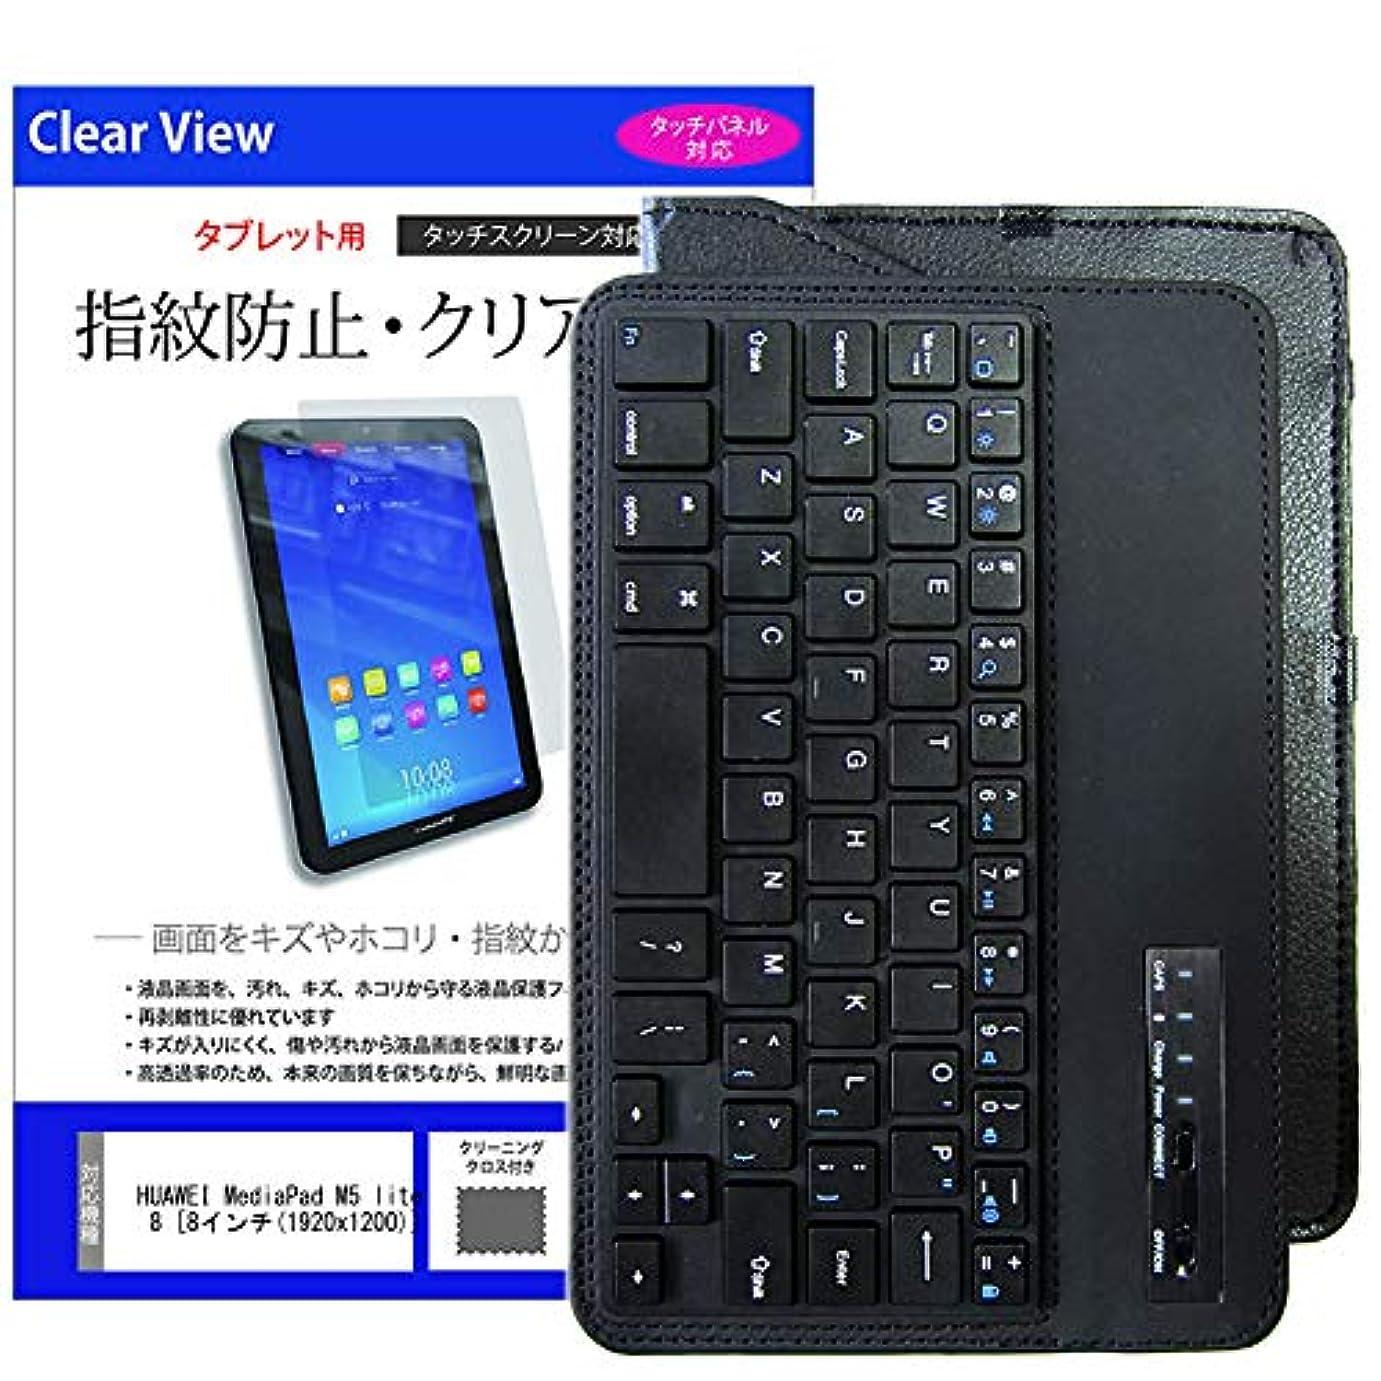 インシュレータ作詞家硬化するメディアカバーマーケット HUAWEI MediaPad M5 lite 8 [8インチ(1920x1200)] 機種で使える【Bluetoothキーボード付き レザーケース 黒 と 指紋防止 クリア光沢 液晶保護フィルム のセット】